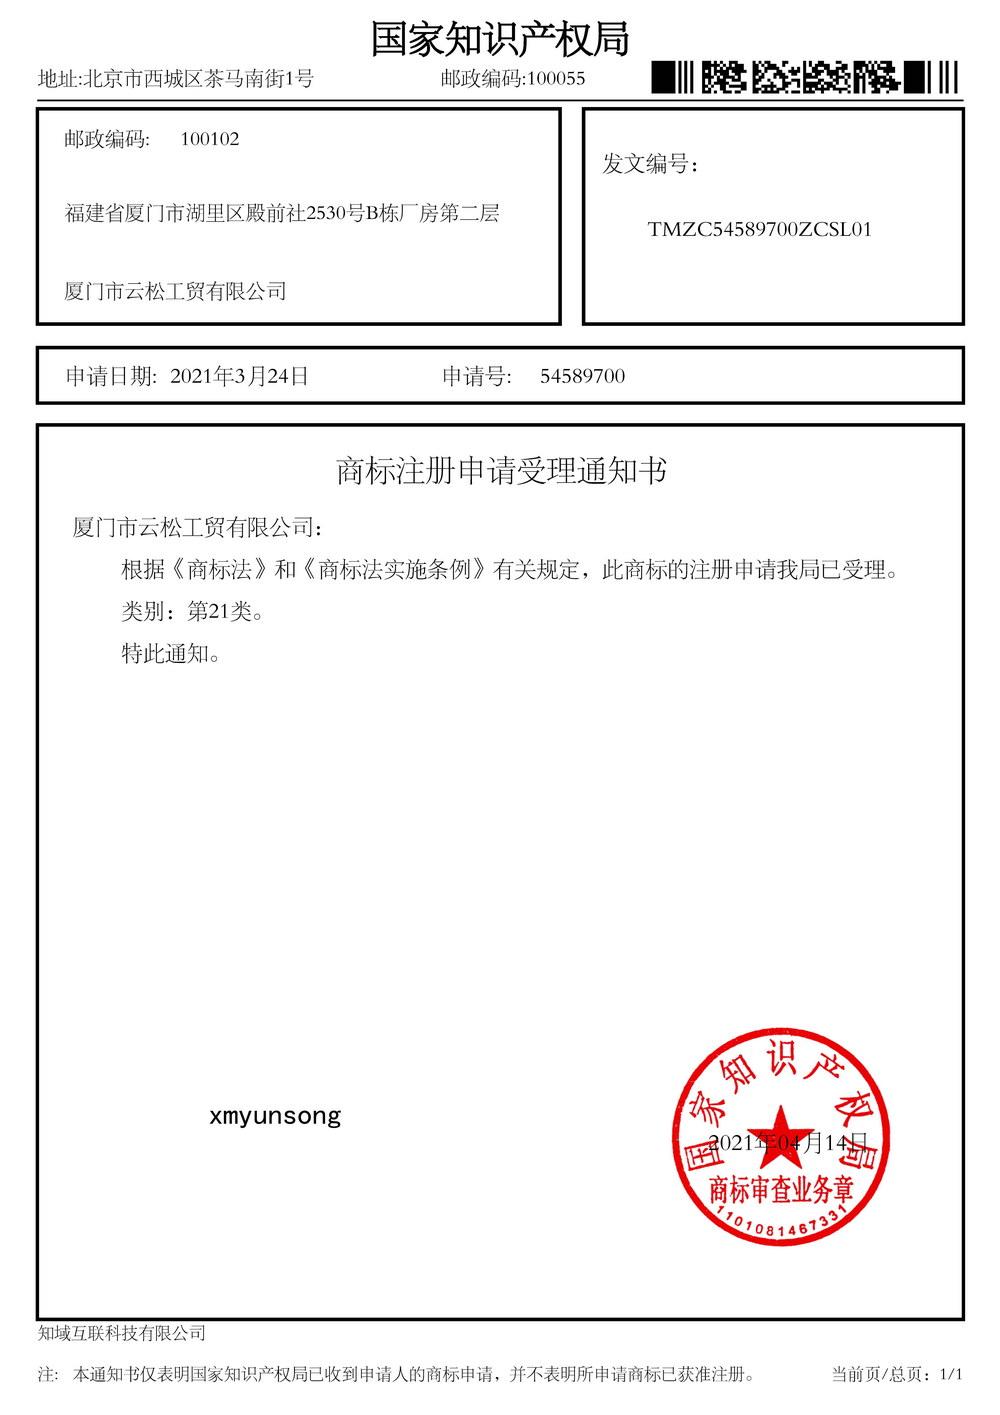 商标注册申请受理通知书21类xmyunsong-1000.jpg